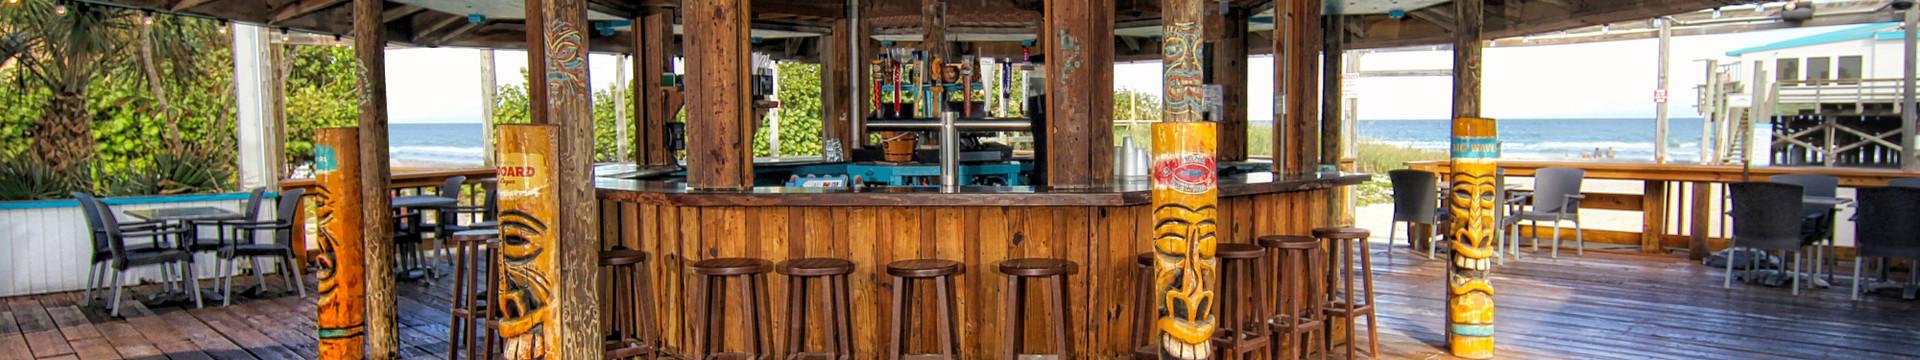 Keith's Oyster Bar | Cocoa Beach Pier